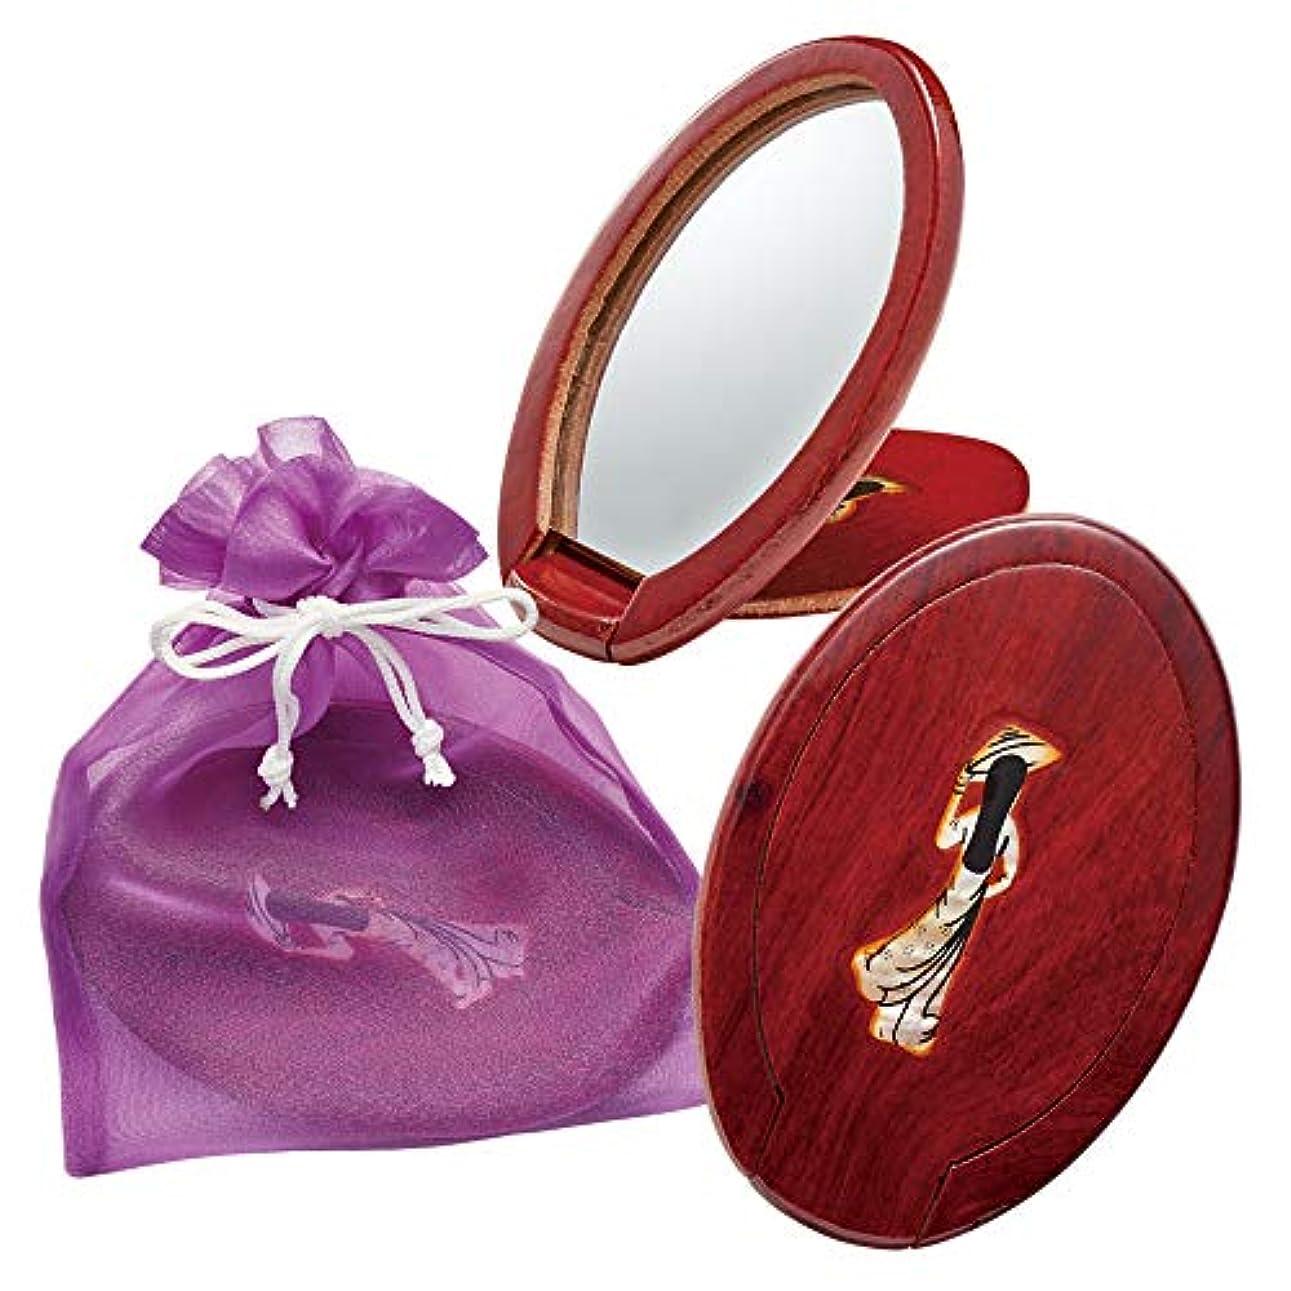 経験者連邦部ベトナムお土産 ベトナム手鏡 巾着入り 3個セット